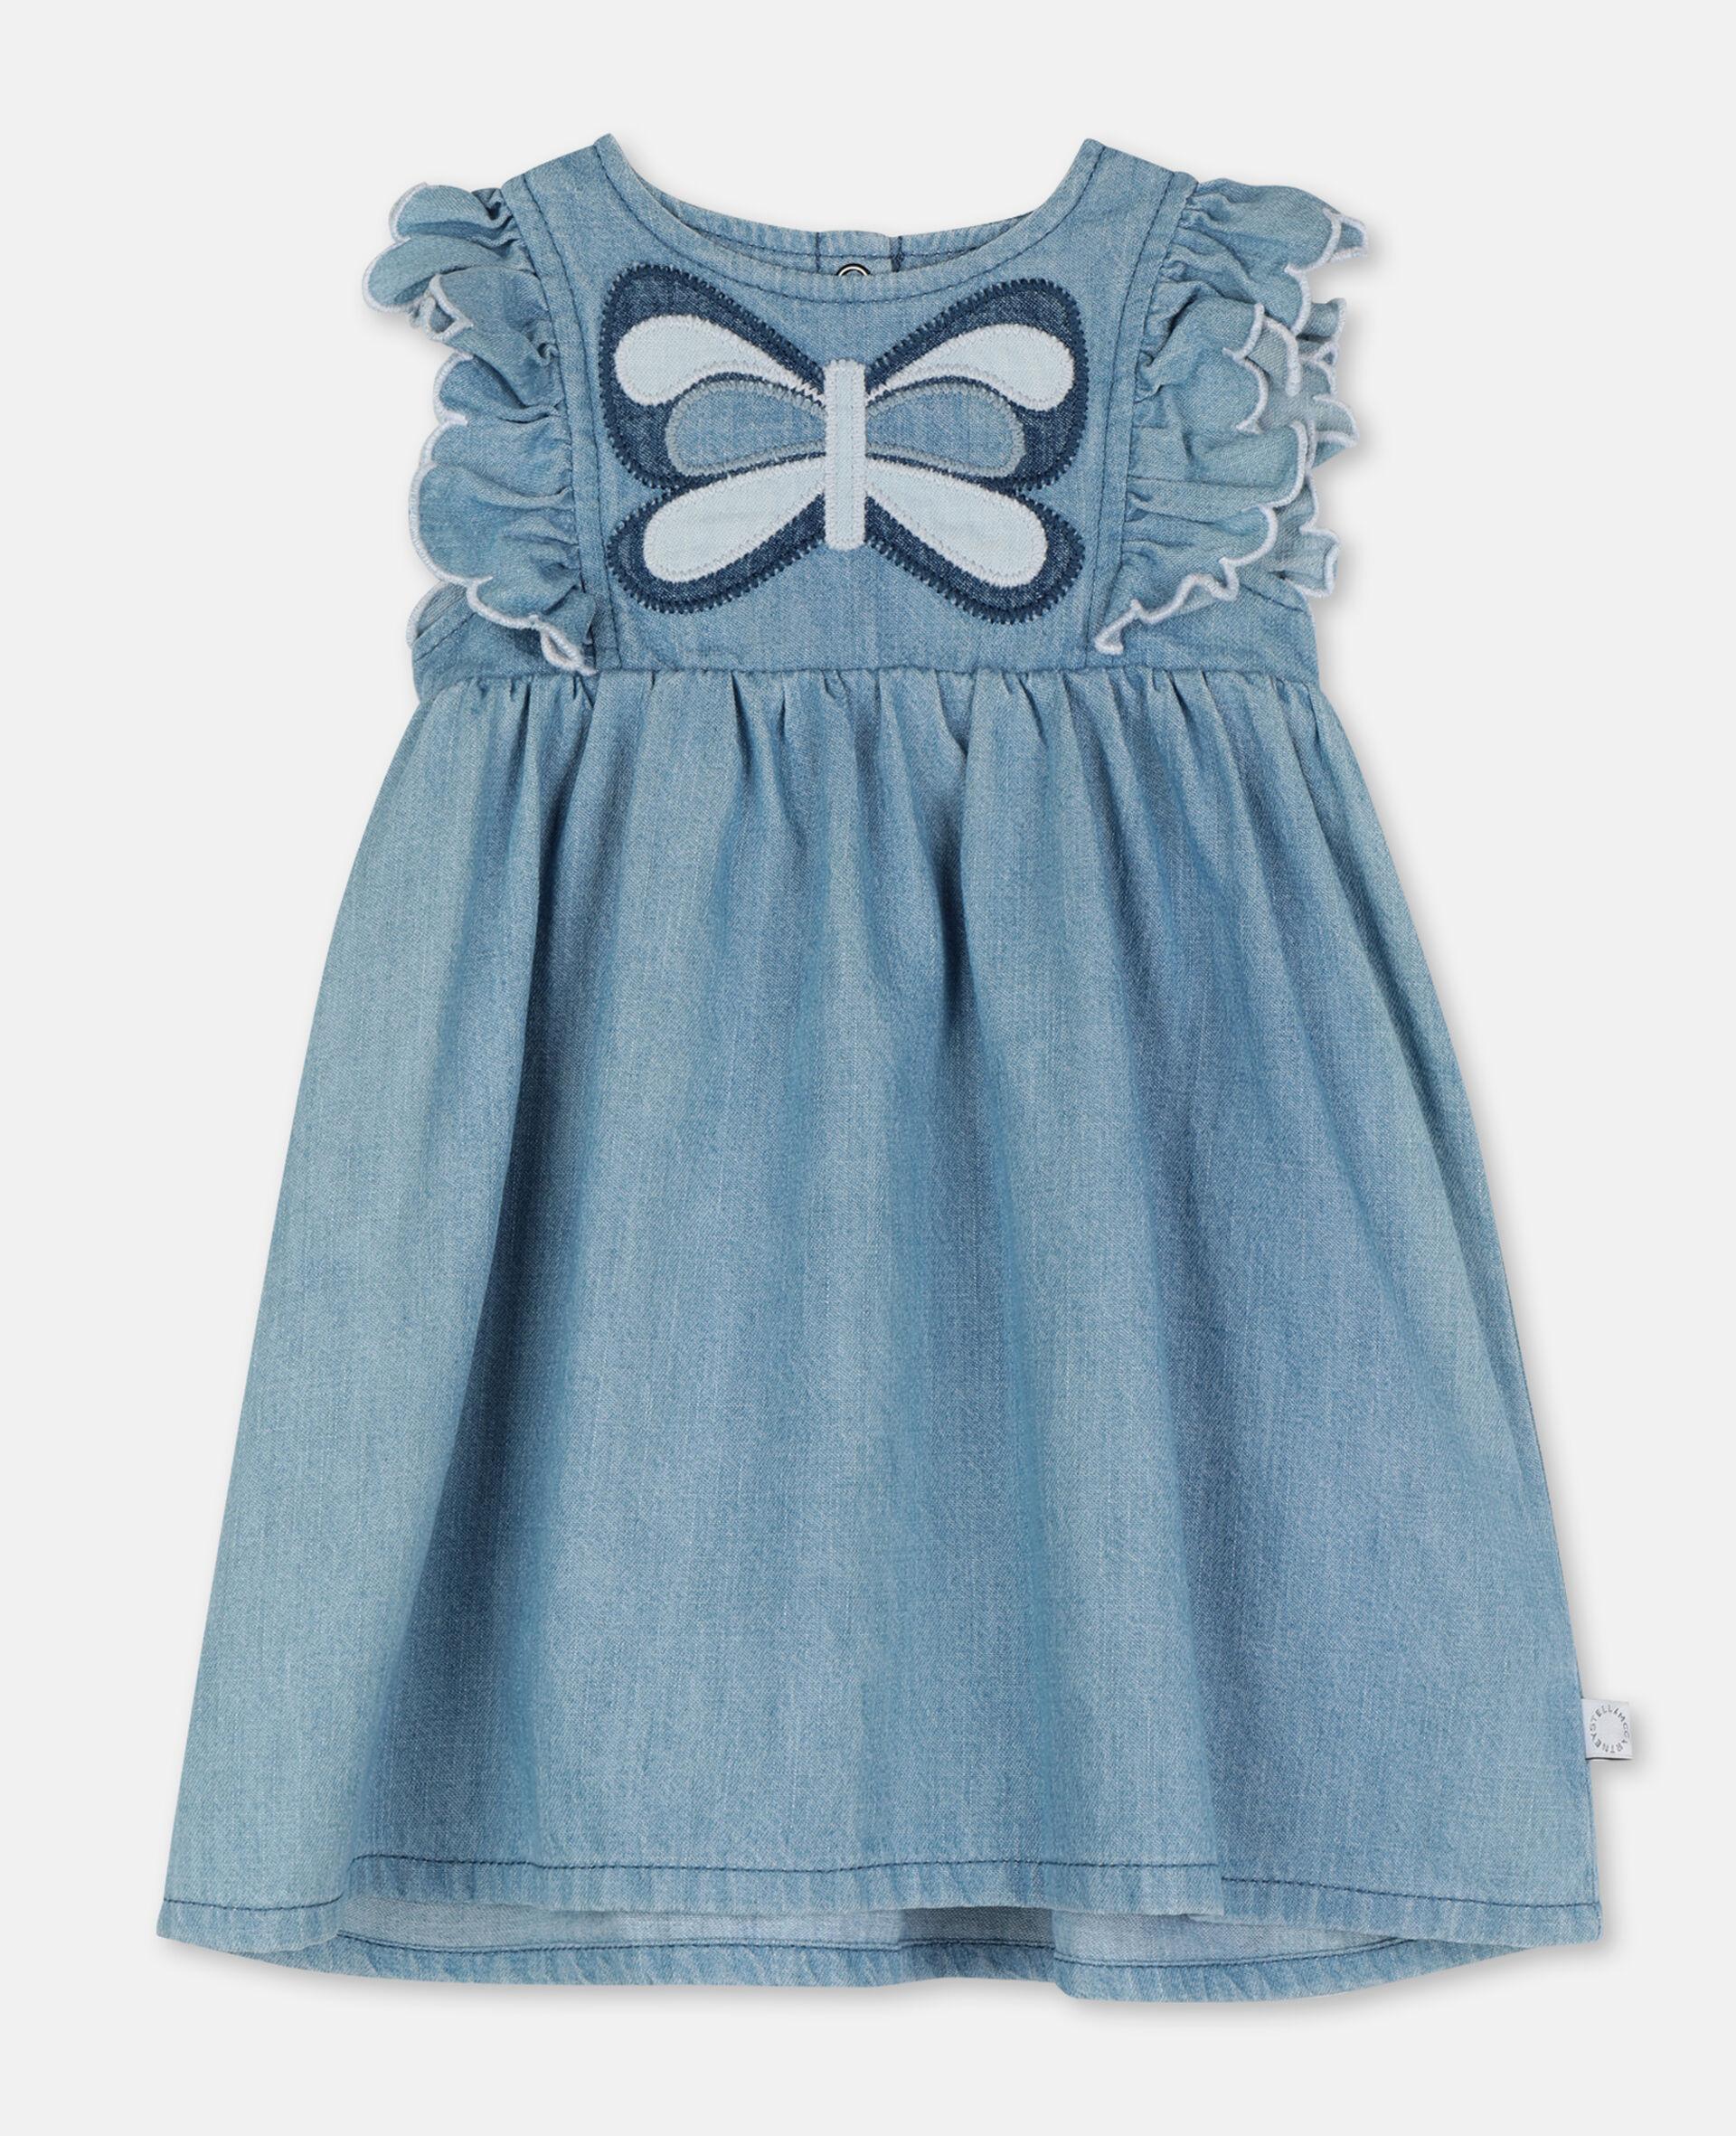 Shorts aus Denim mit Schmetterling-Aufnäher-Blau-large image number 0